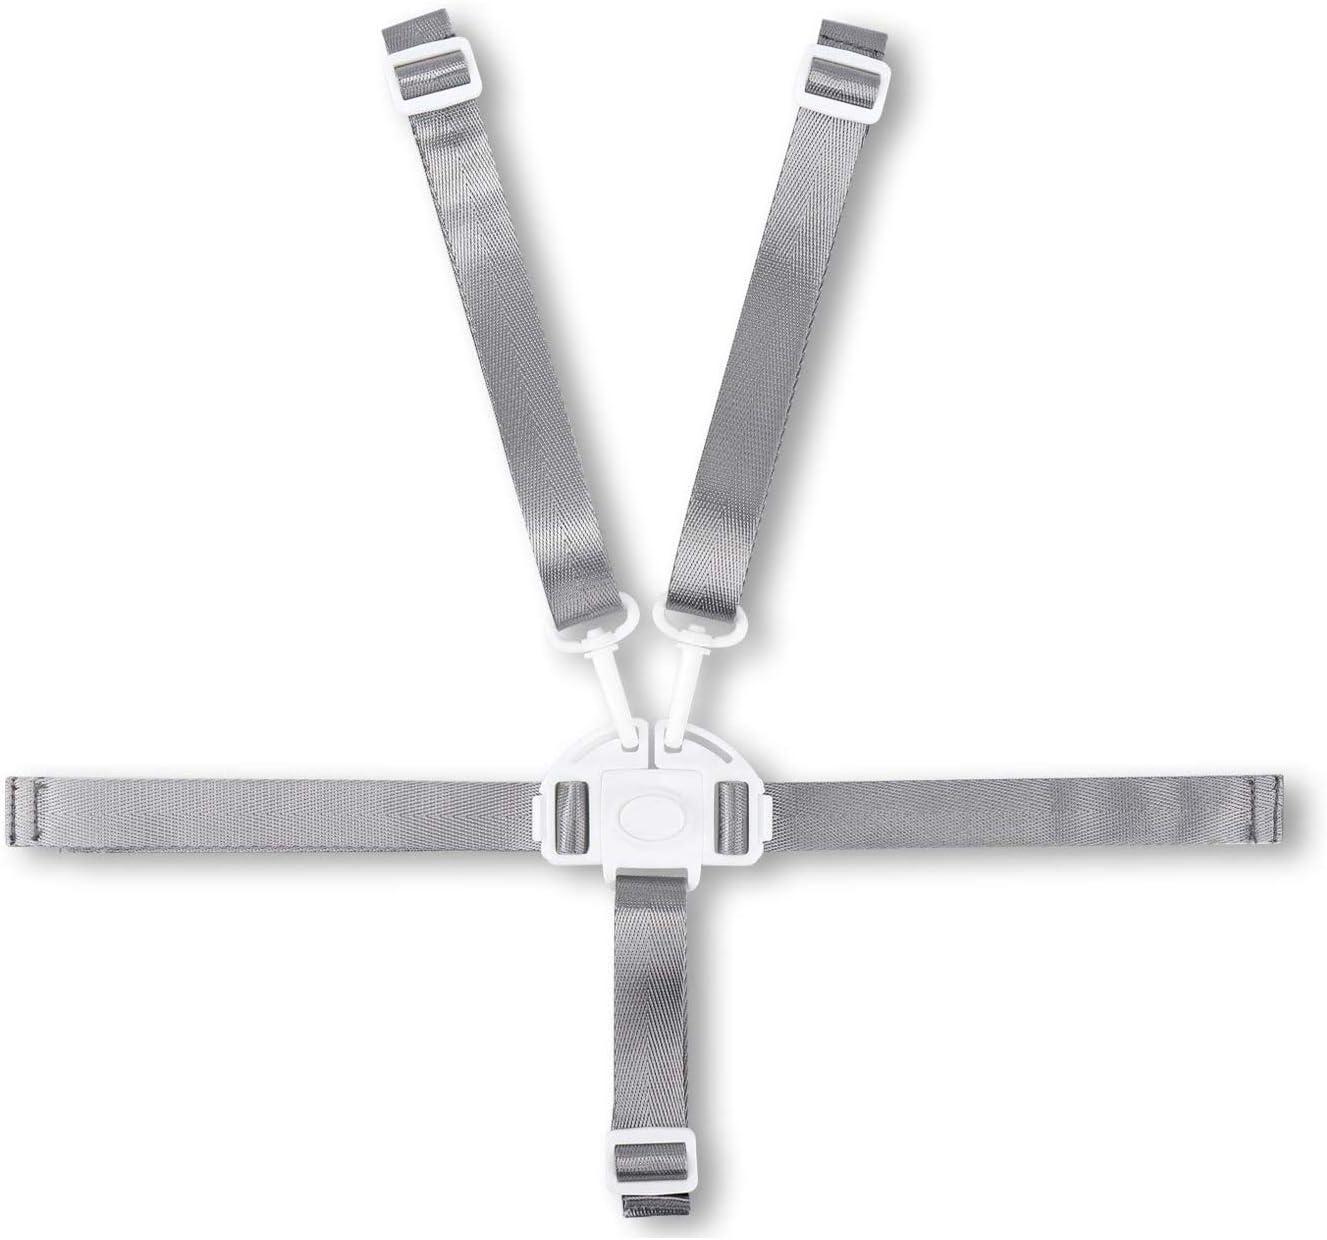 arnés de 5 puntos,arnés universal para silla alta,Cinturón de Seguridad del Bebé,Arnés Silla Bebé 5 Puntos Cinturón (Blanco)